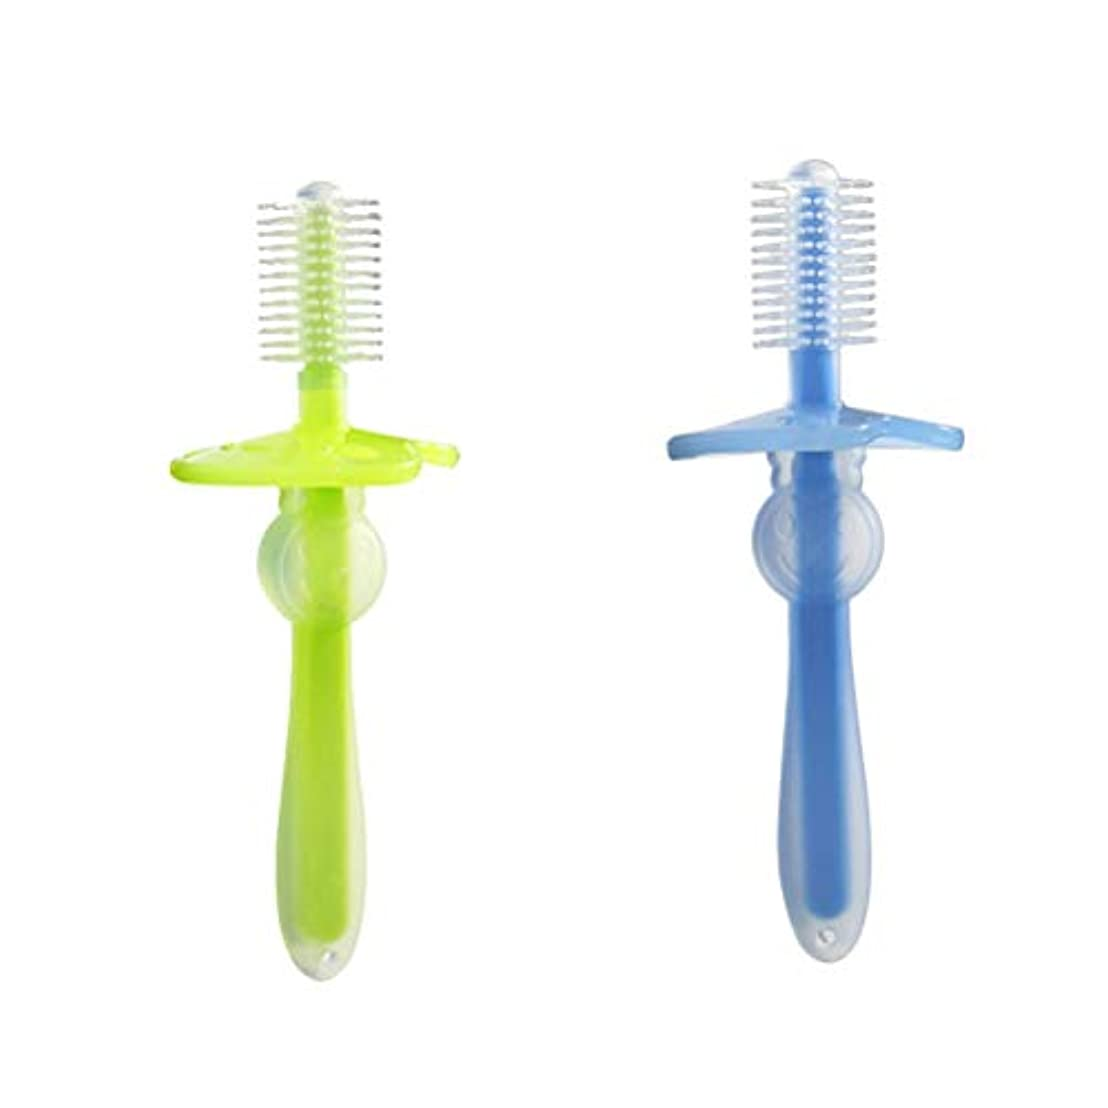 ライターベジタリアンラダSUPVOX ベビー歯ブラシ ベビー トレーニング歯ブラシ 赤ちゃん ソフト歯ブラシ シリコーン 2本入(ランダムカラー)